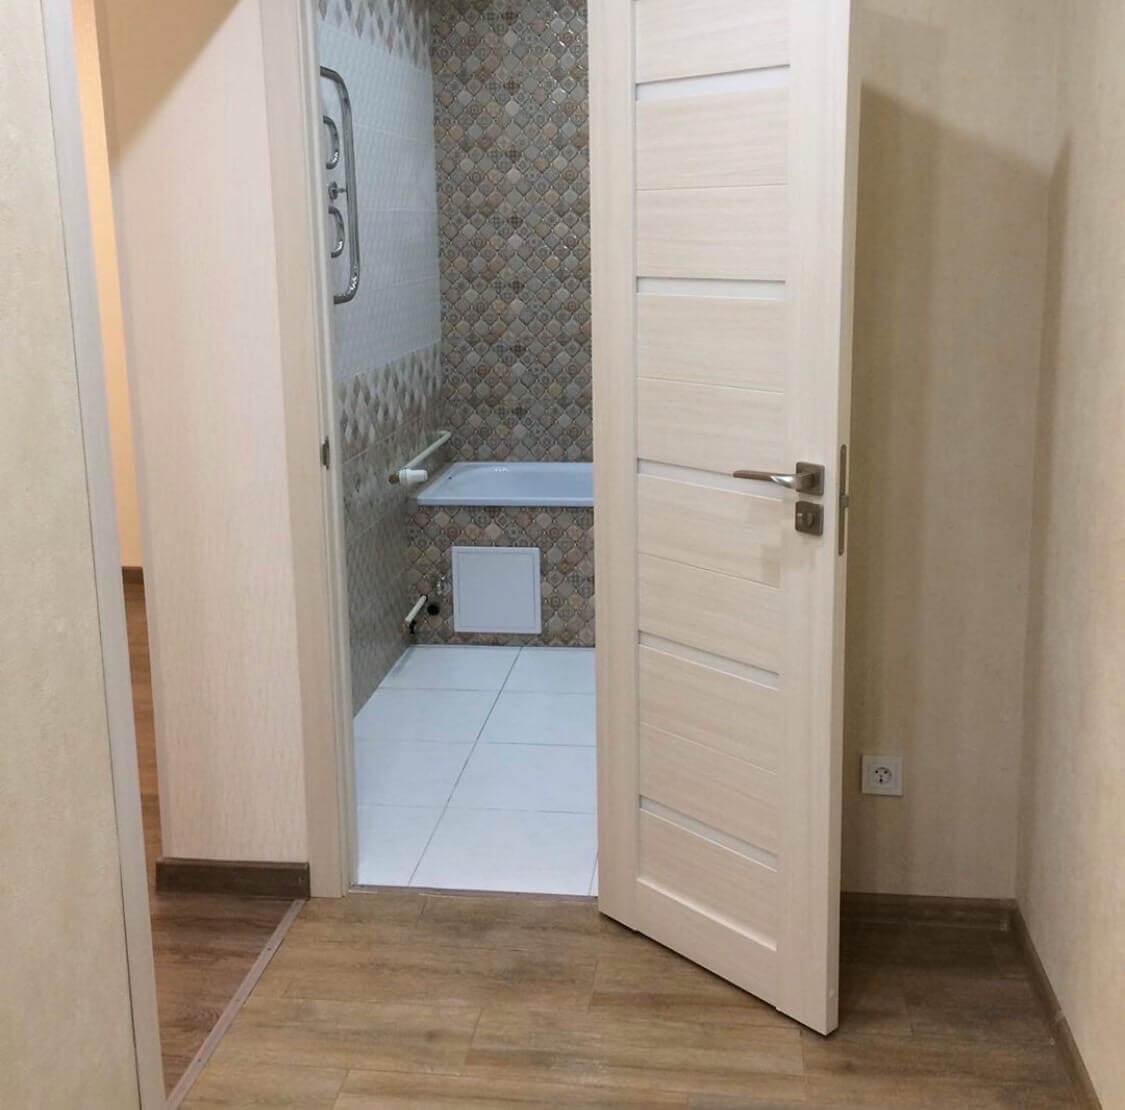 Коридор и дверь в ванную после уборки